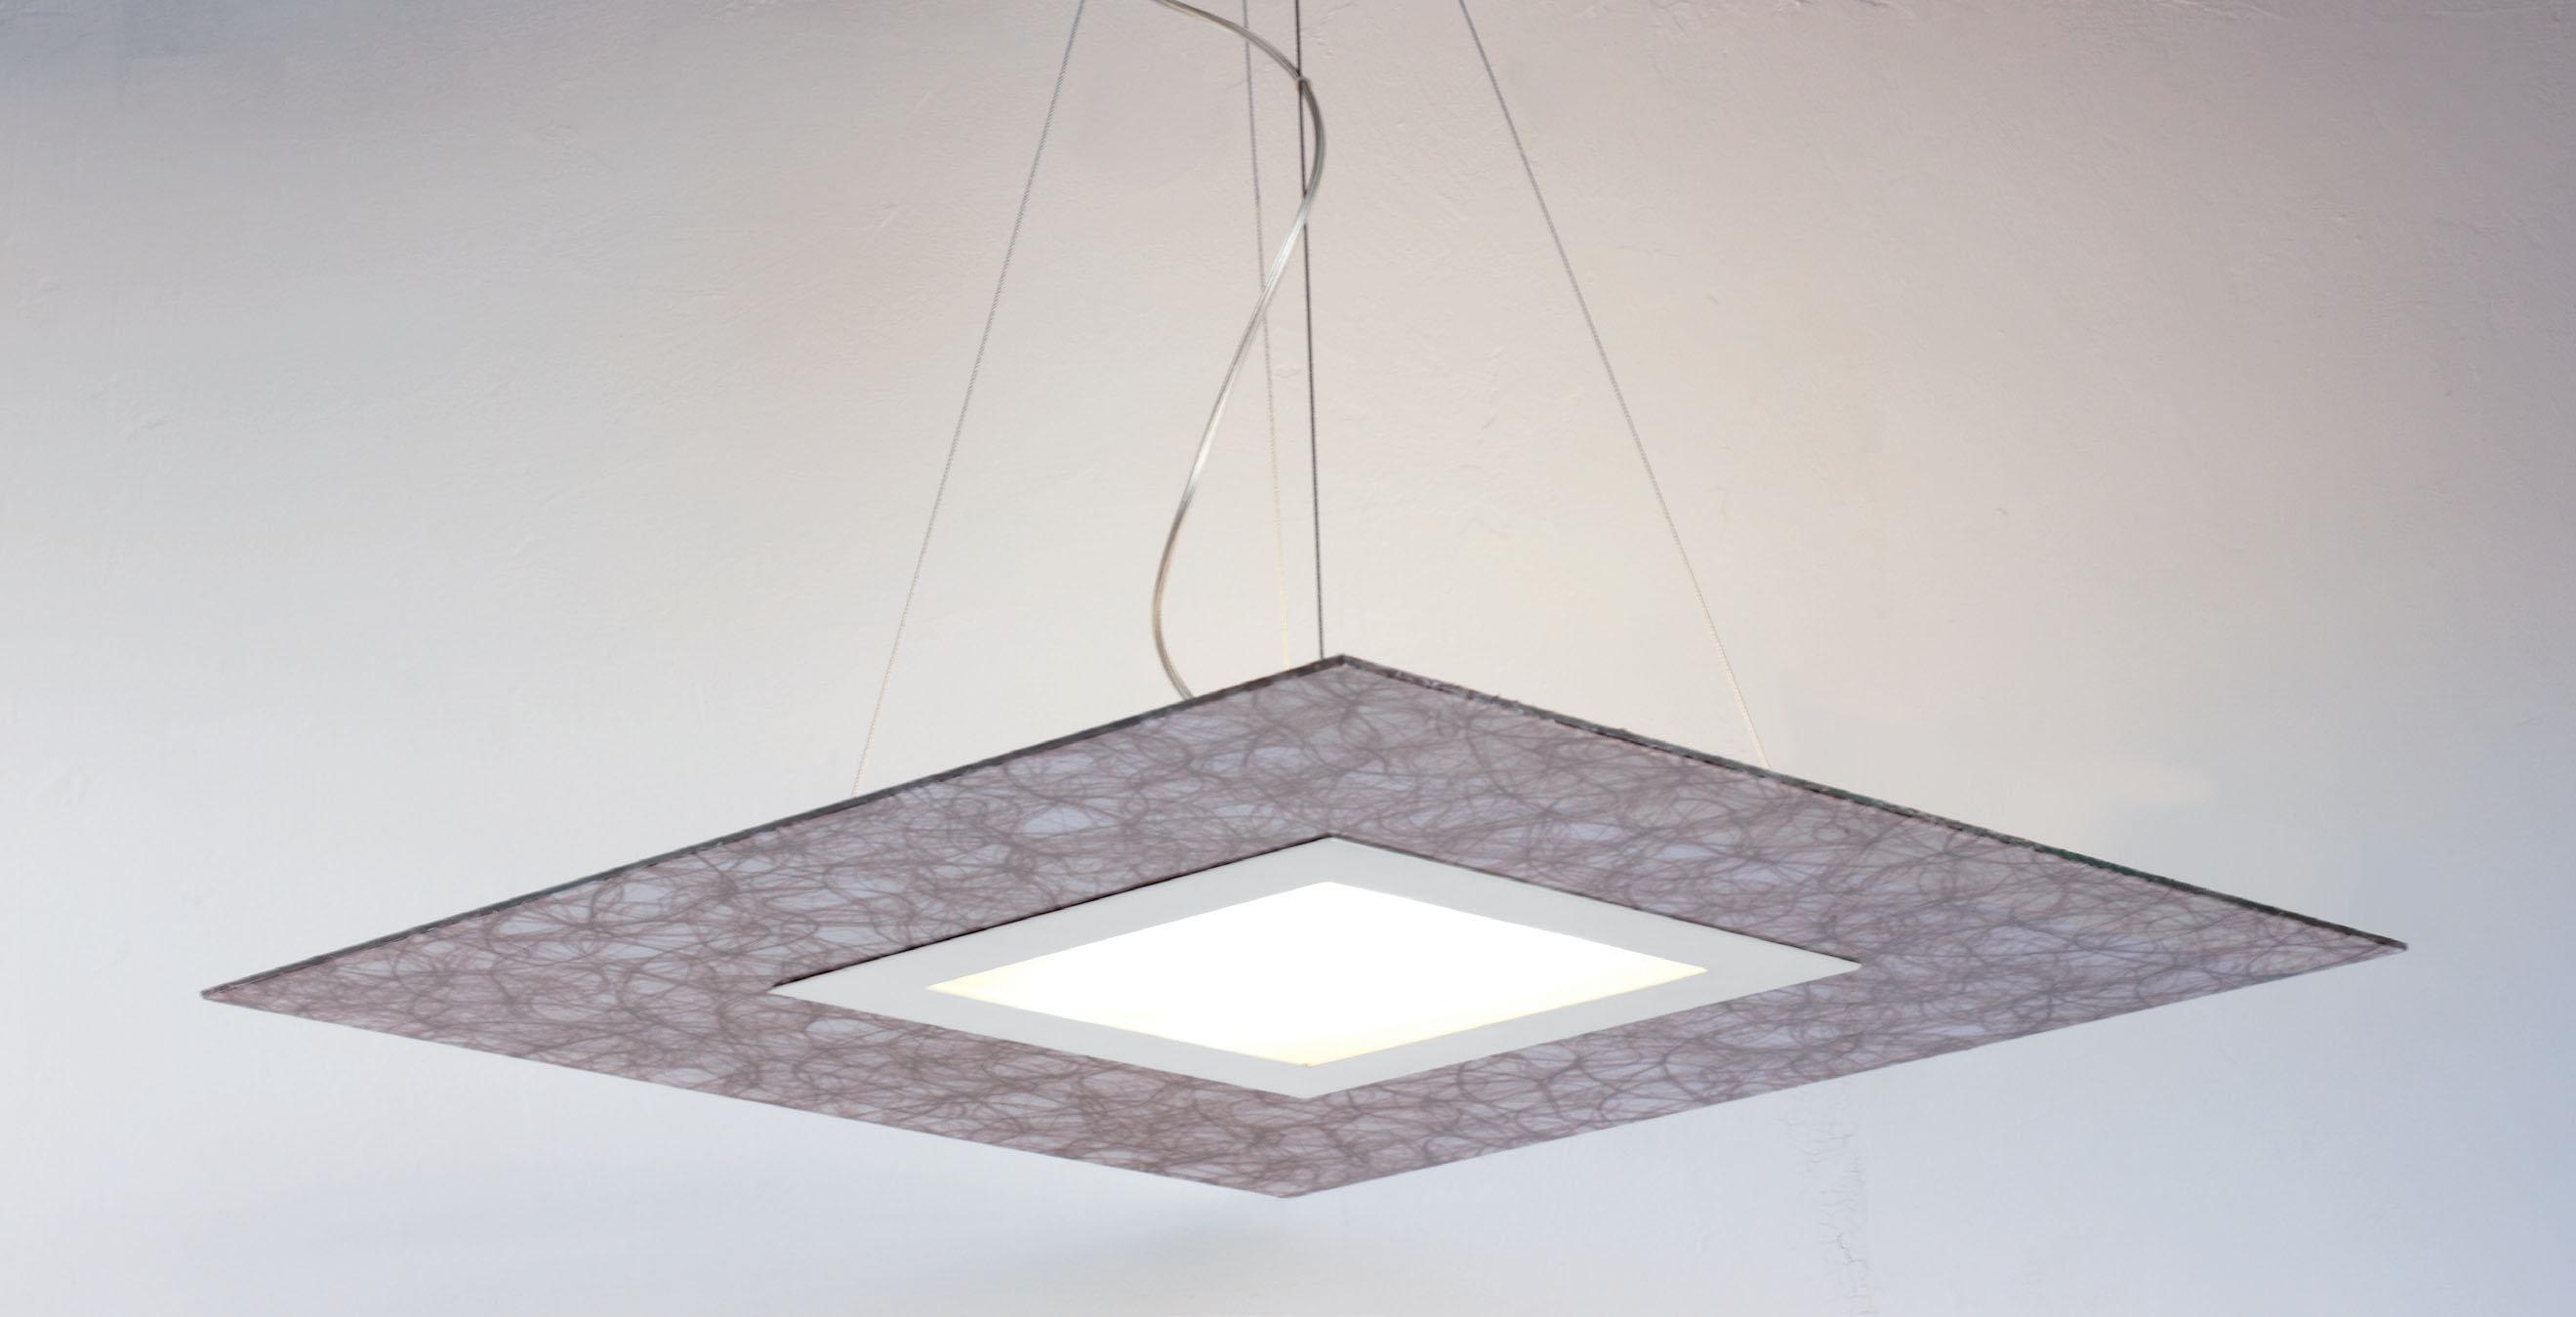 Lampade In Vetro A Sospensione : Sikrea lampada a sospensione tecla s vetro decoro